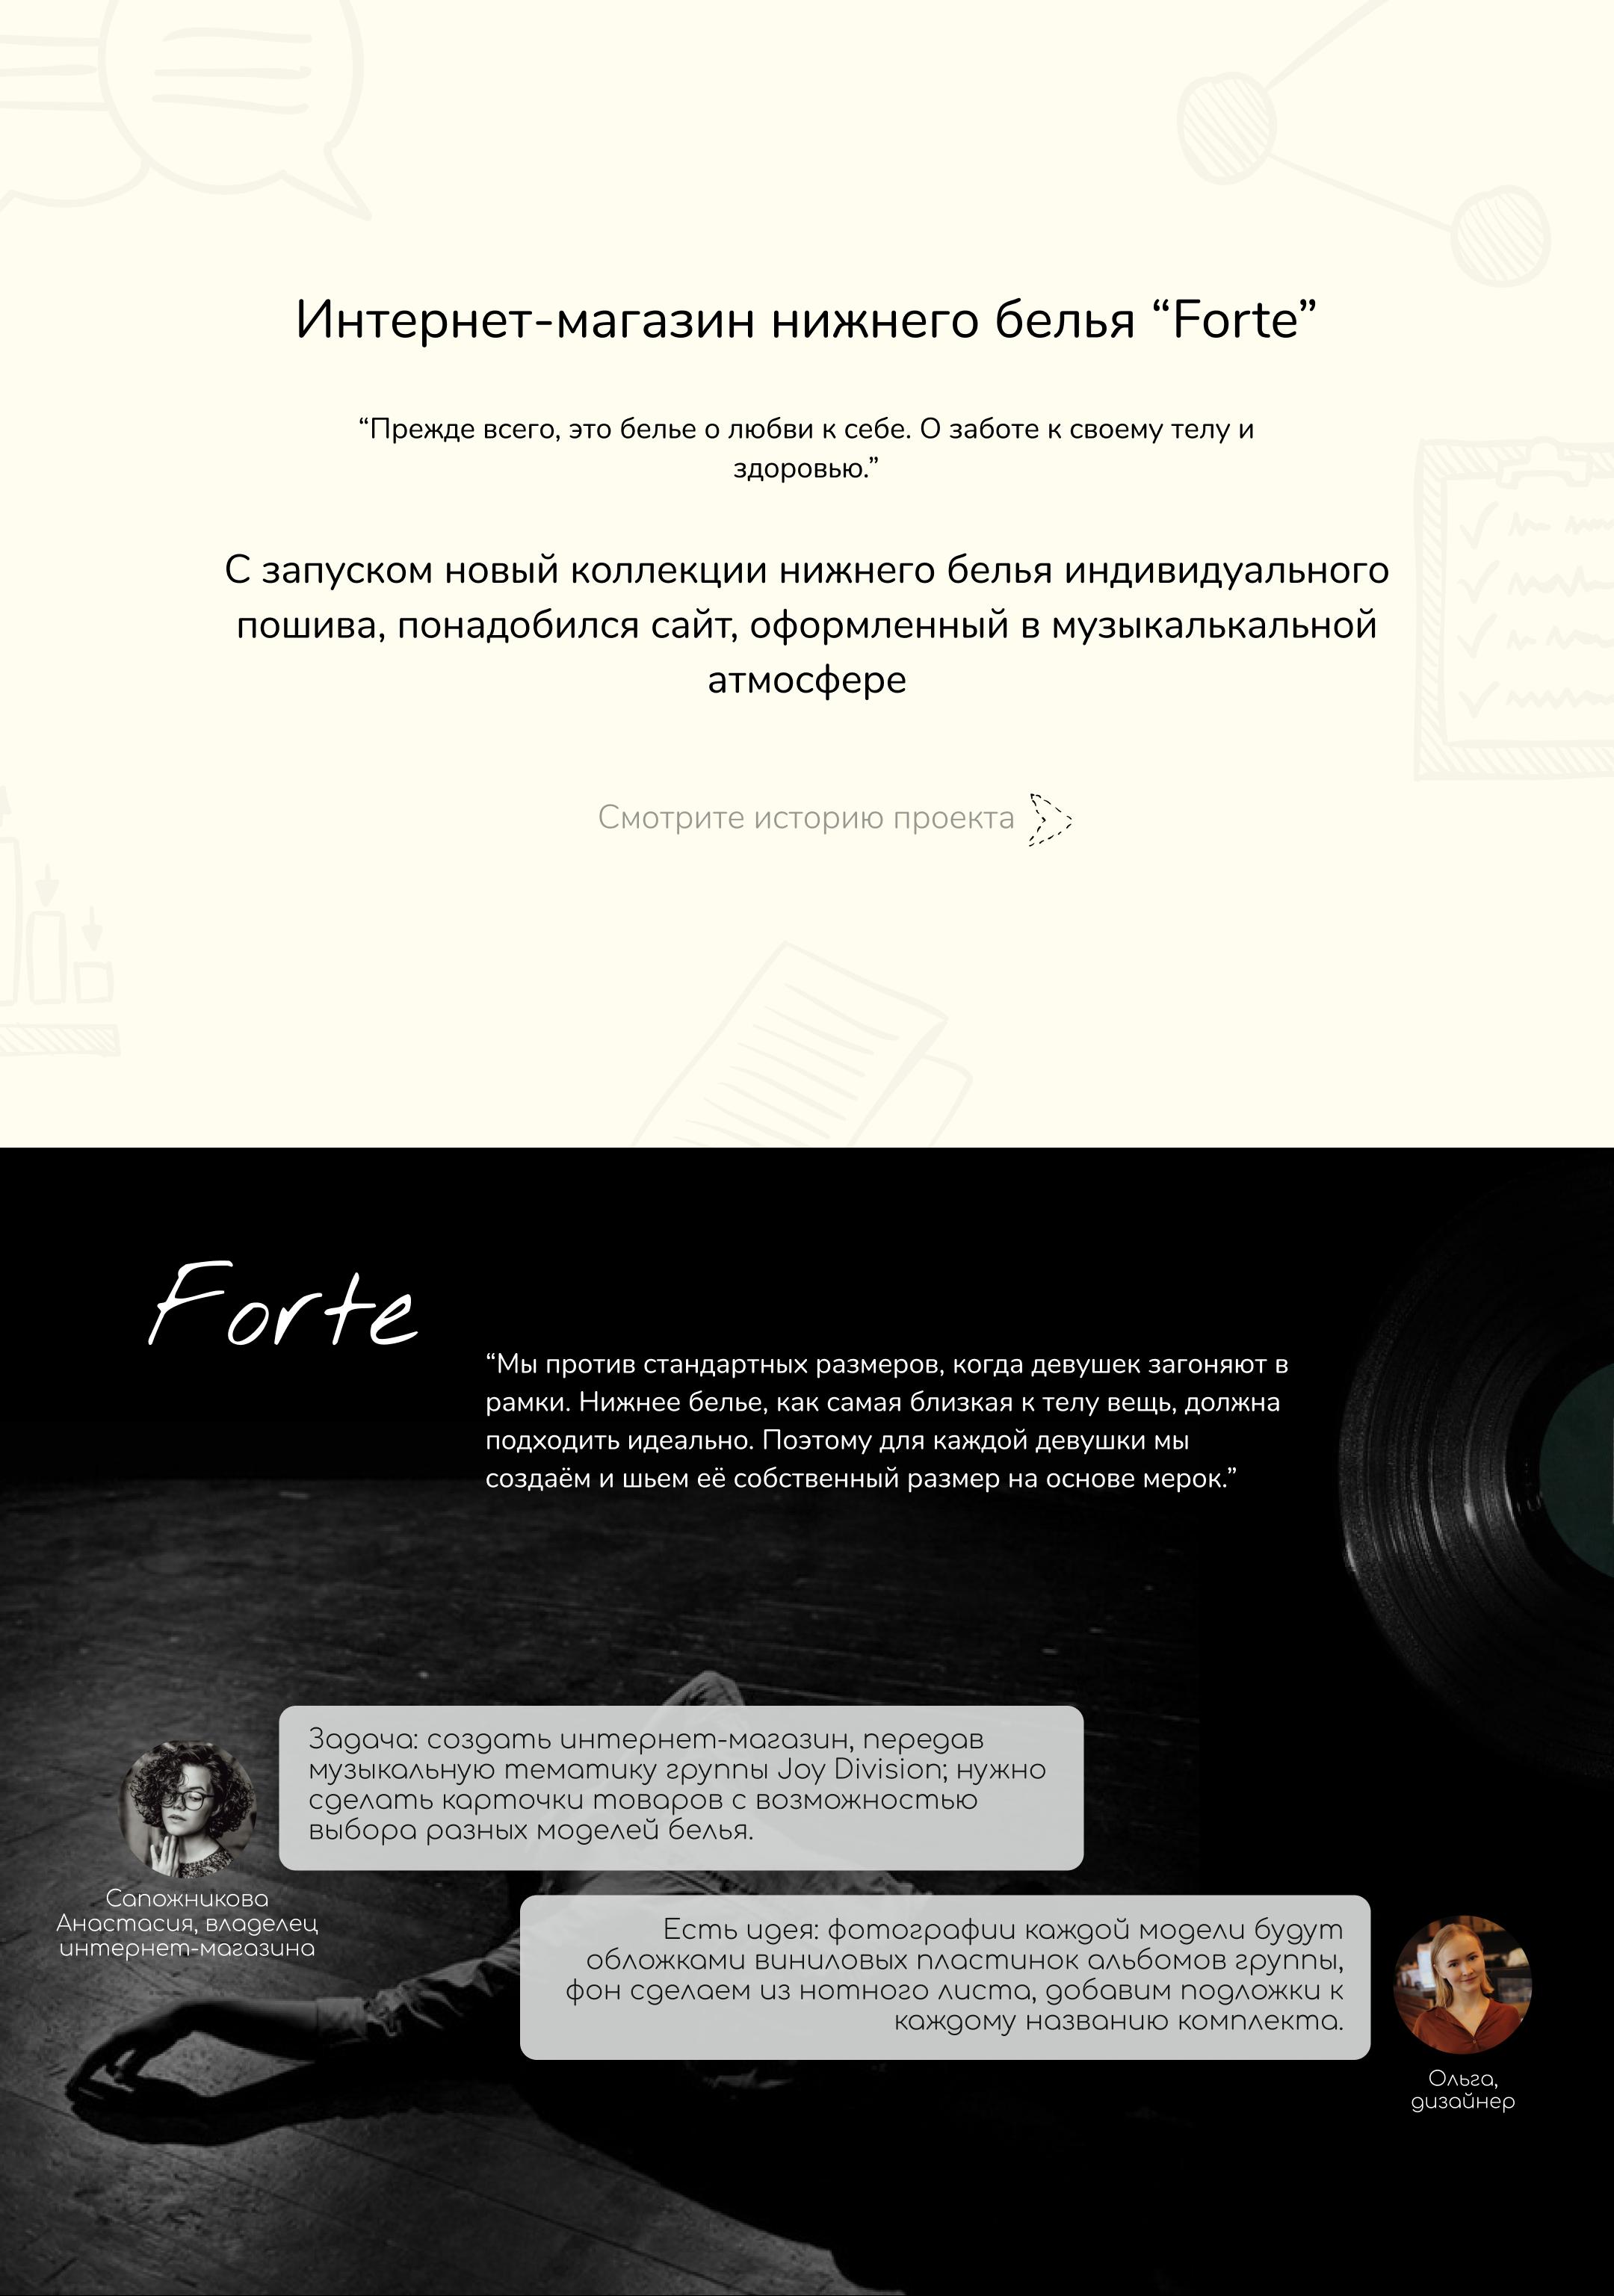 """Интернет-магазин нижнего белья """"Forte"""""""